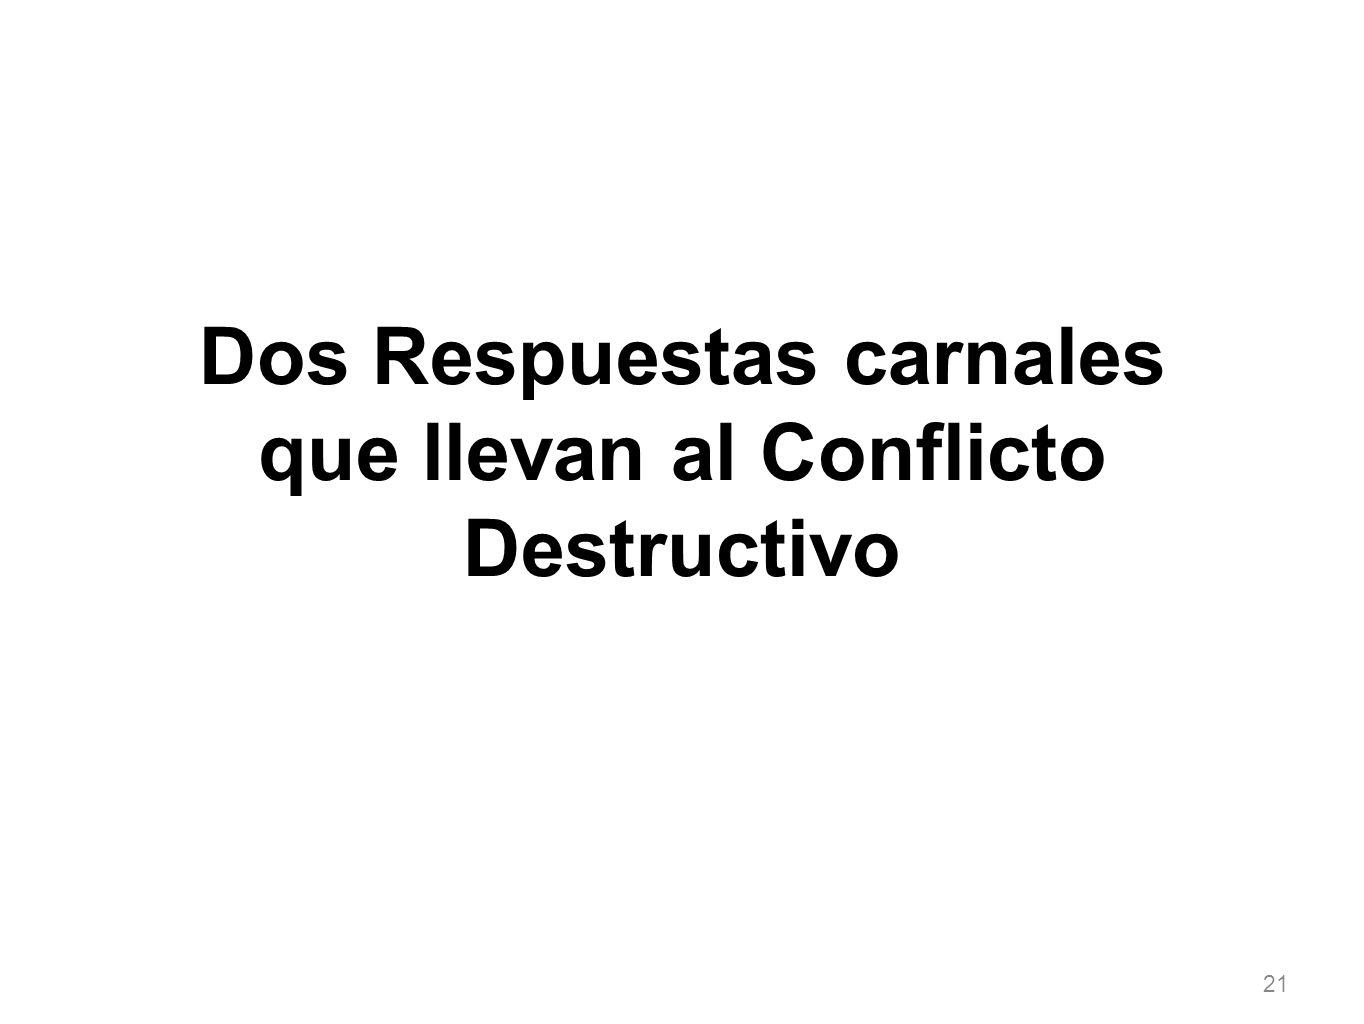 Dos Respuestas carnales que llevan al Conflicto Destructivo